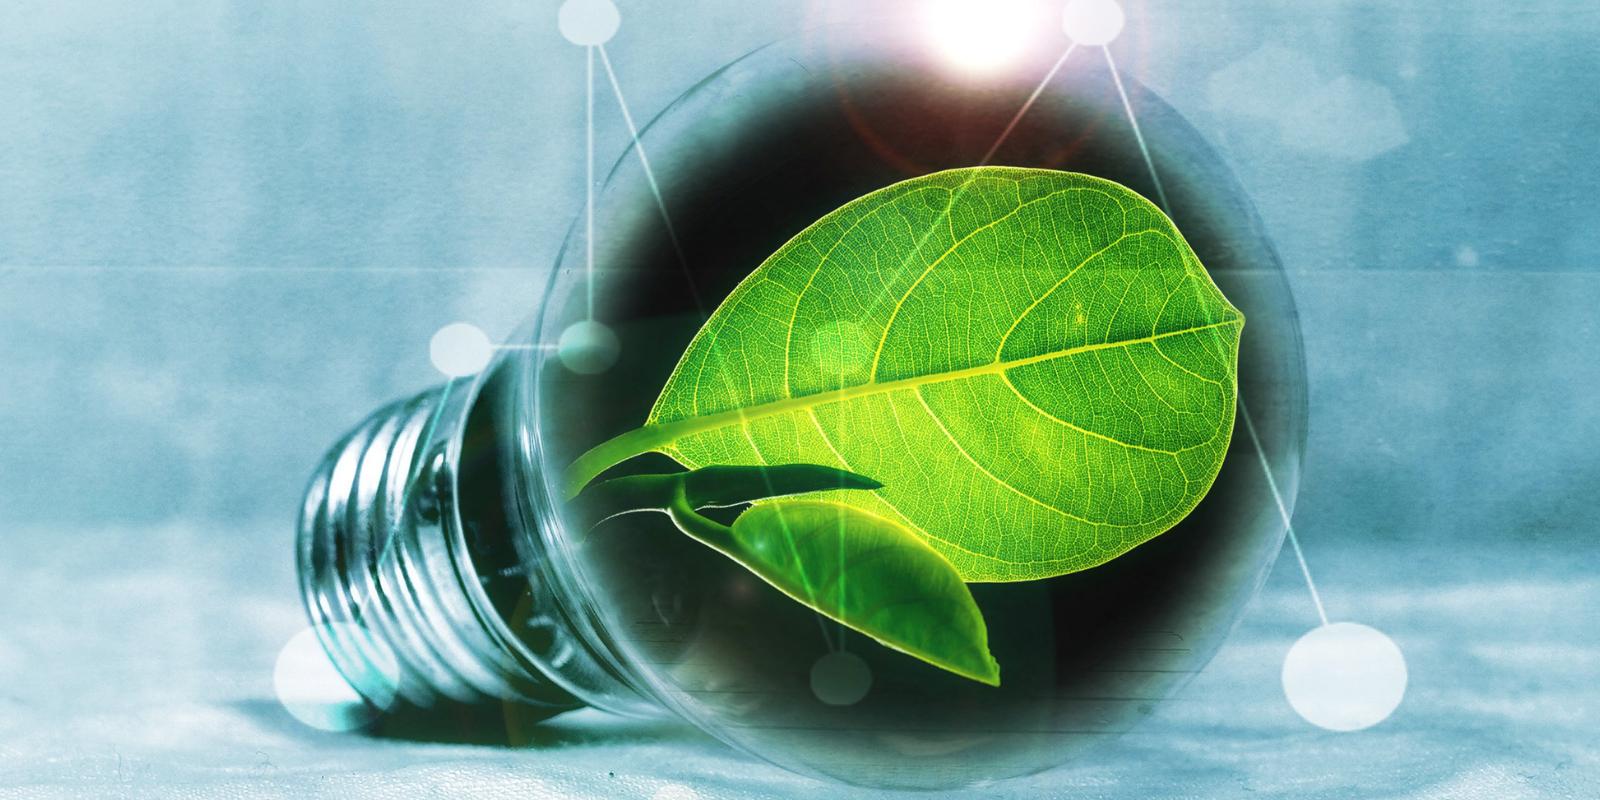 Imagem: Artigo: Responsabilidade socioambiental é cada vez mais estratégica para as empresas